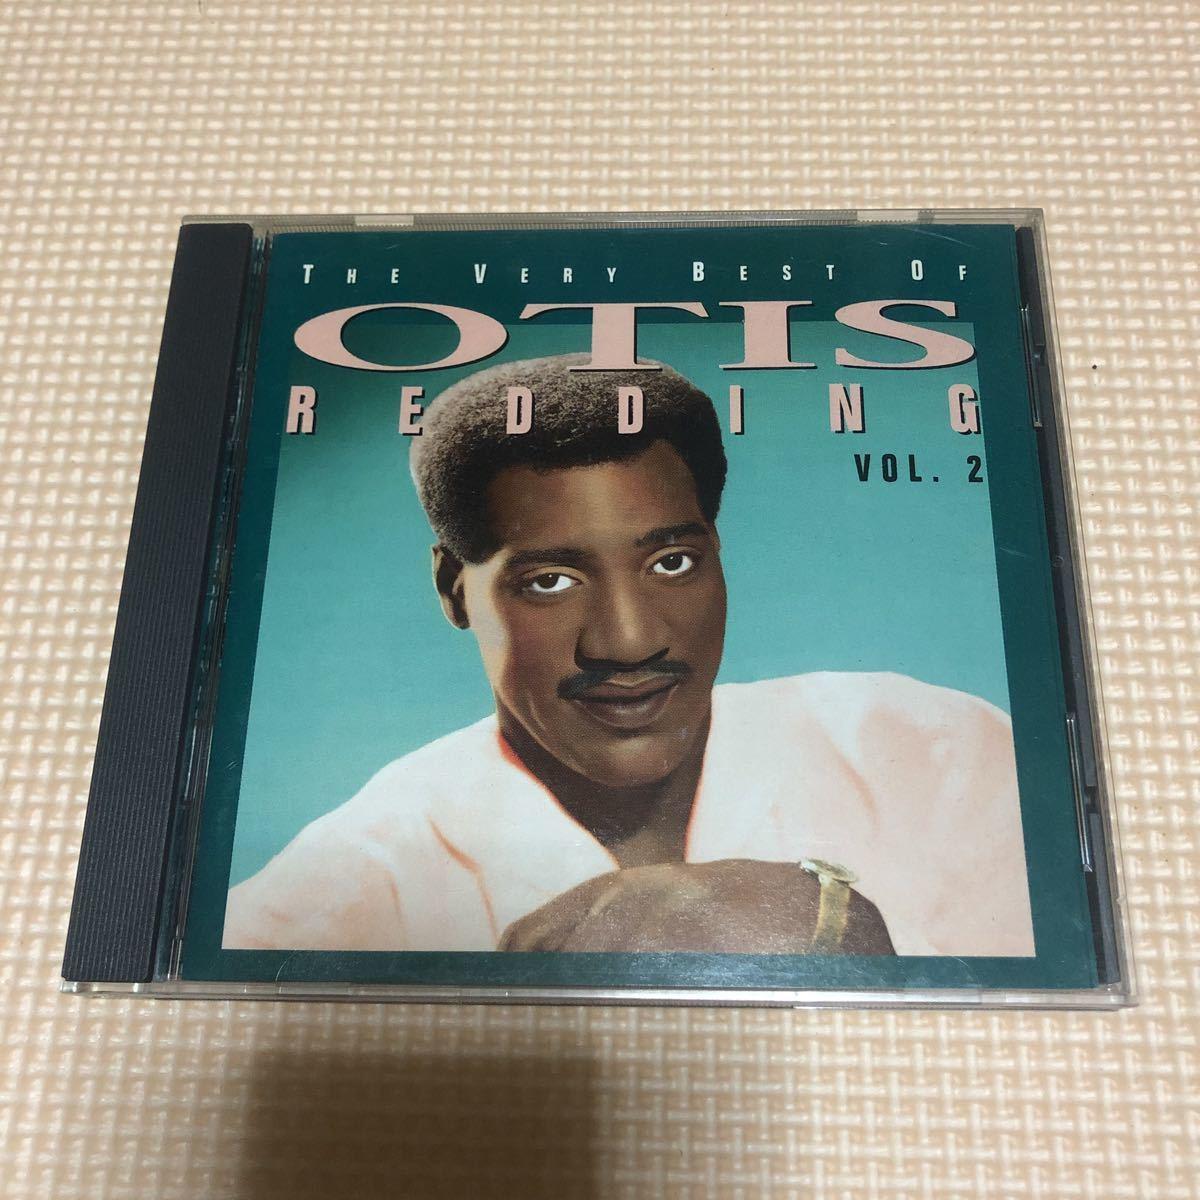 Otis Redding The Very Best Of Otis Redding Vol. 2 USA盤CD